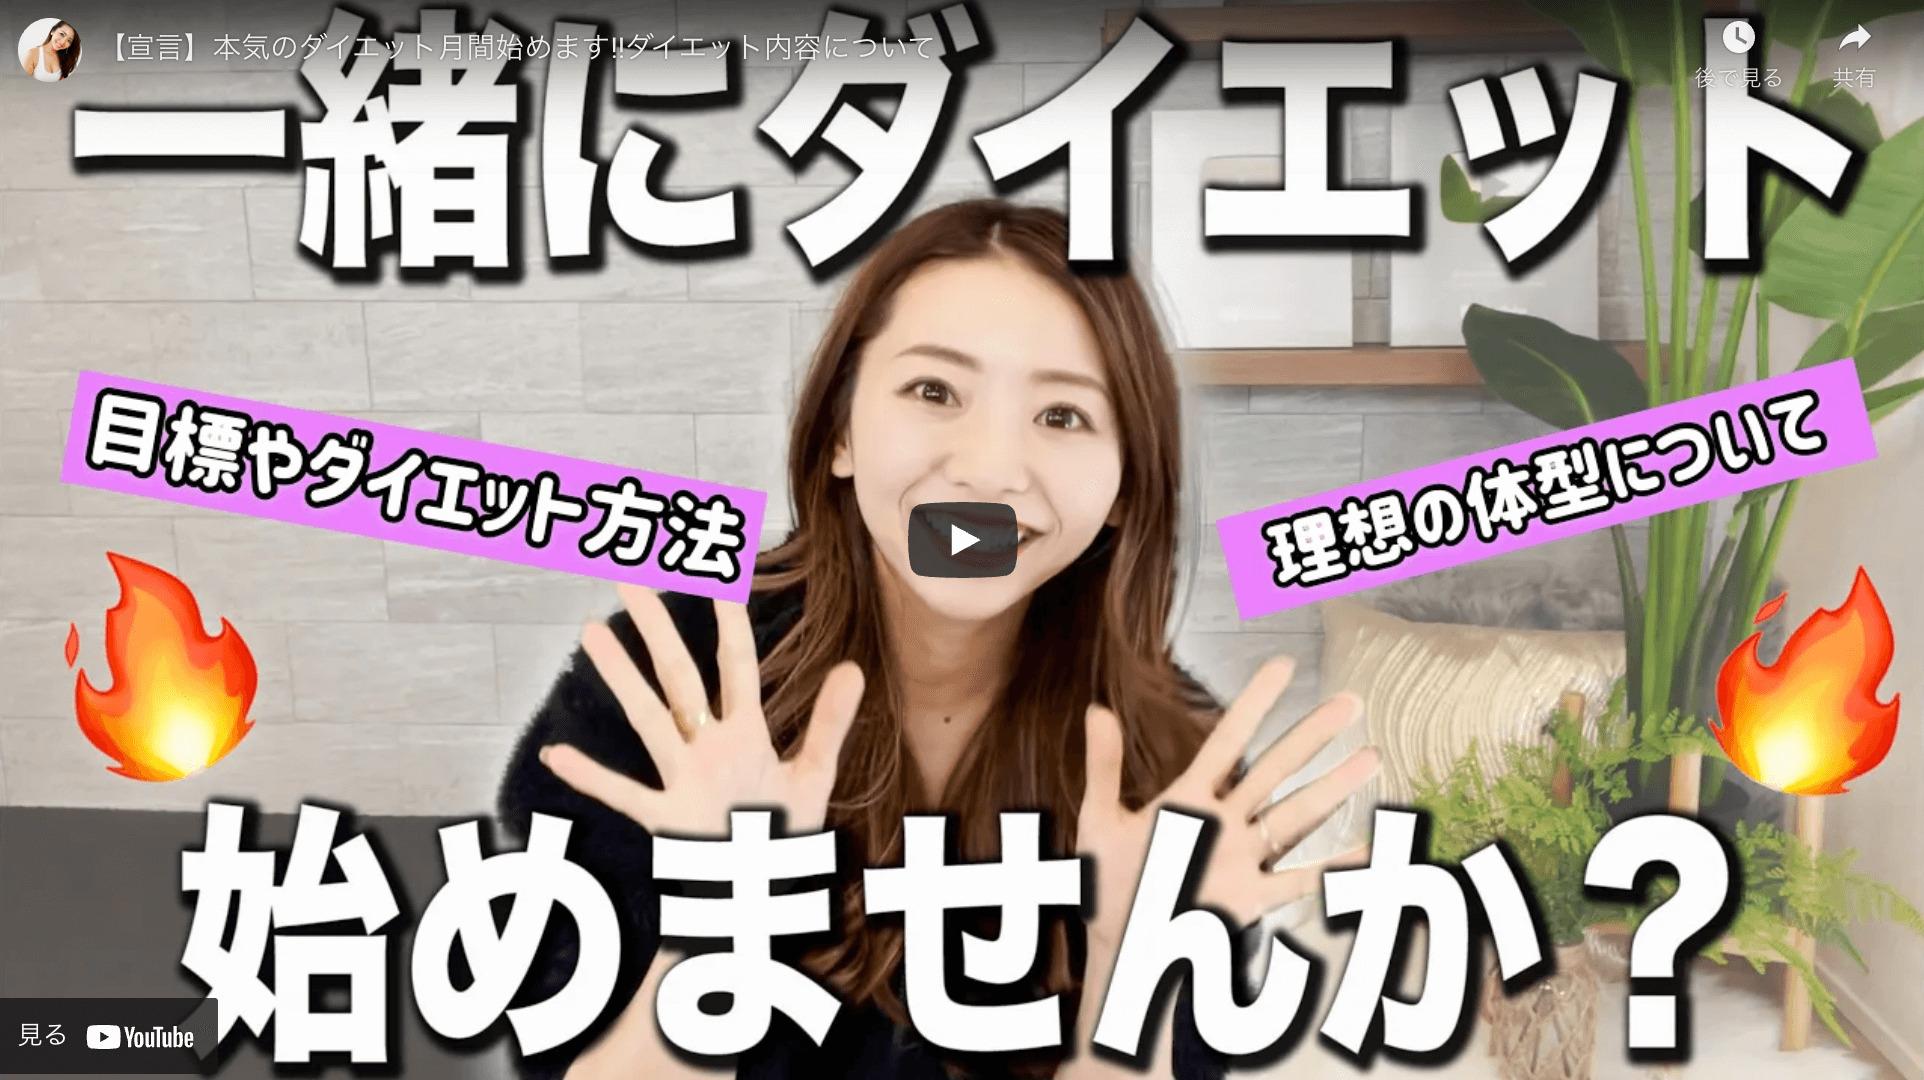 竹脇まりなさんが「本気のダイエット」を宣言!